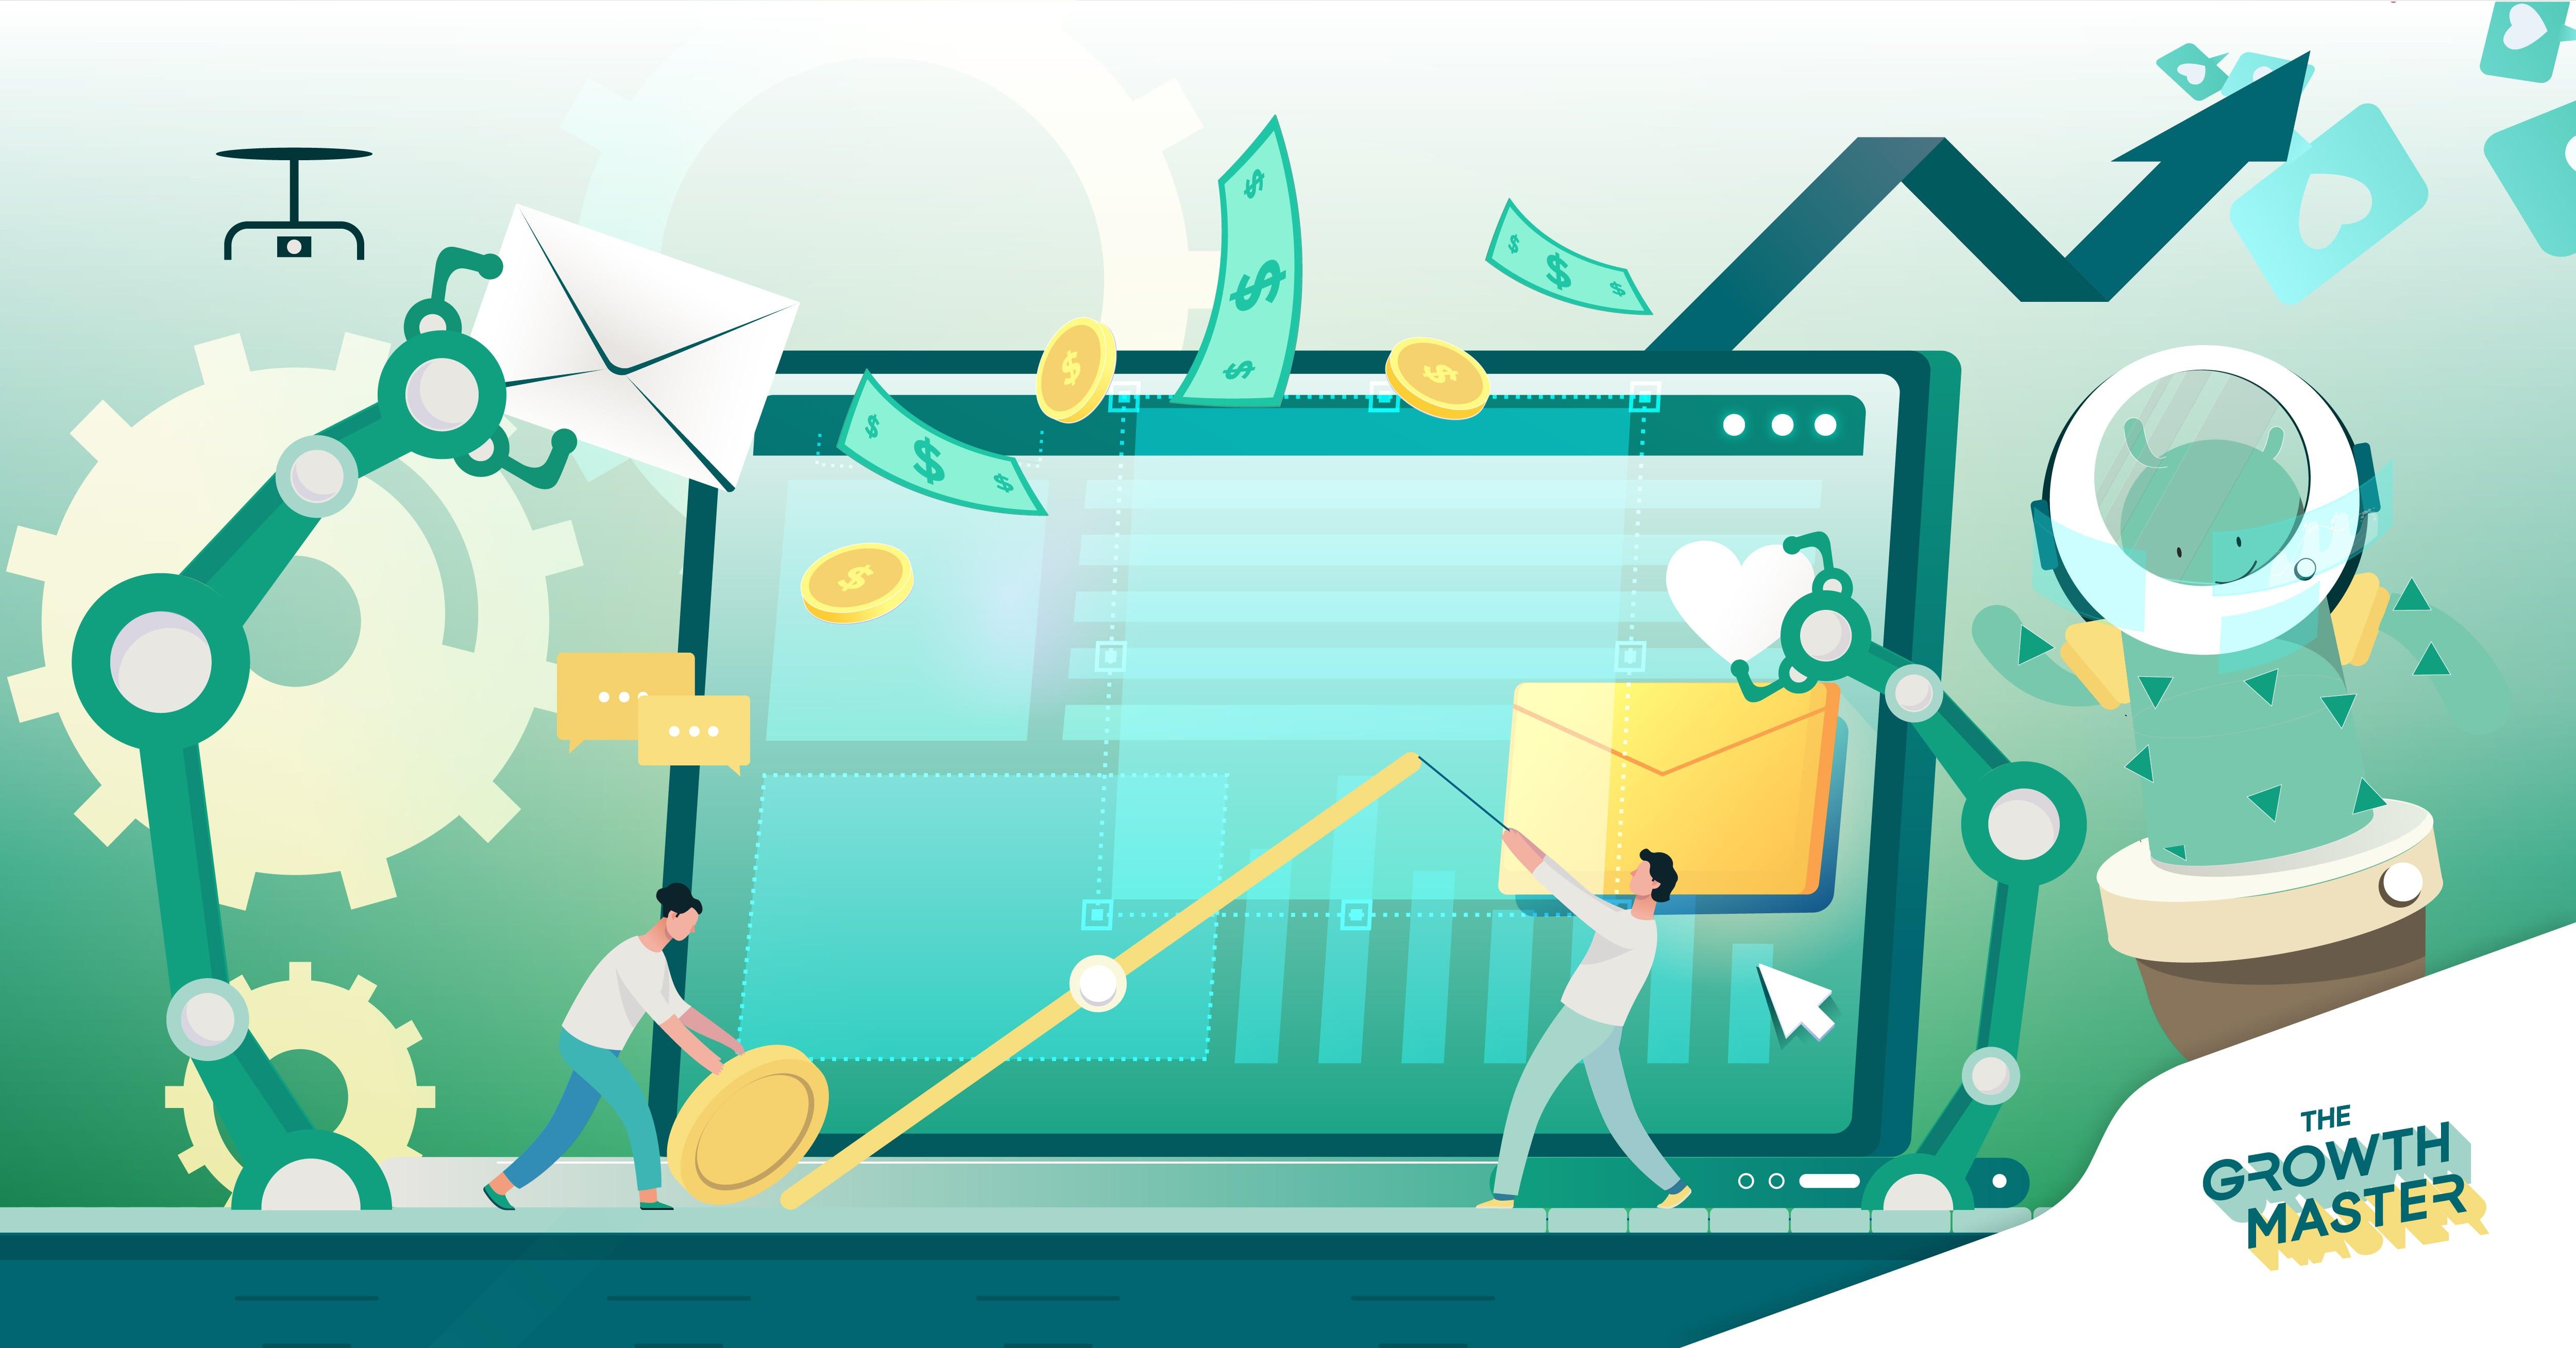 ใช้เทคนิค Marketing Automation อย่างไรให้ธุรกิจ E-Commerce  สร้างยอดขายได้มากขึ้น